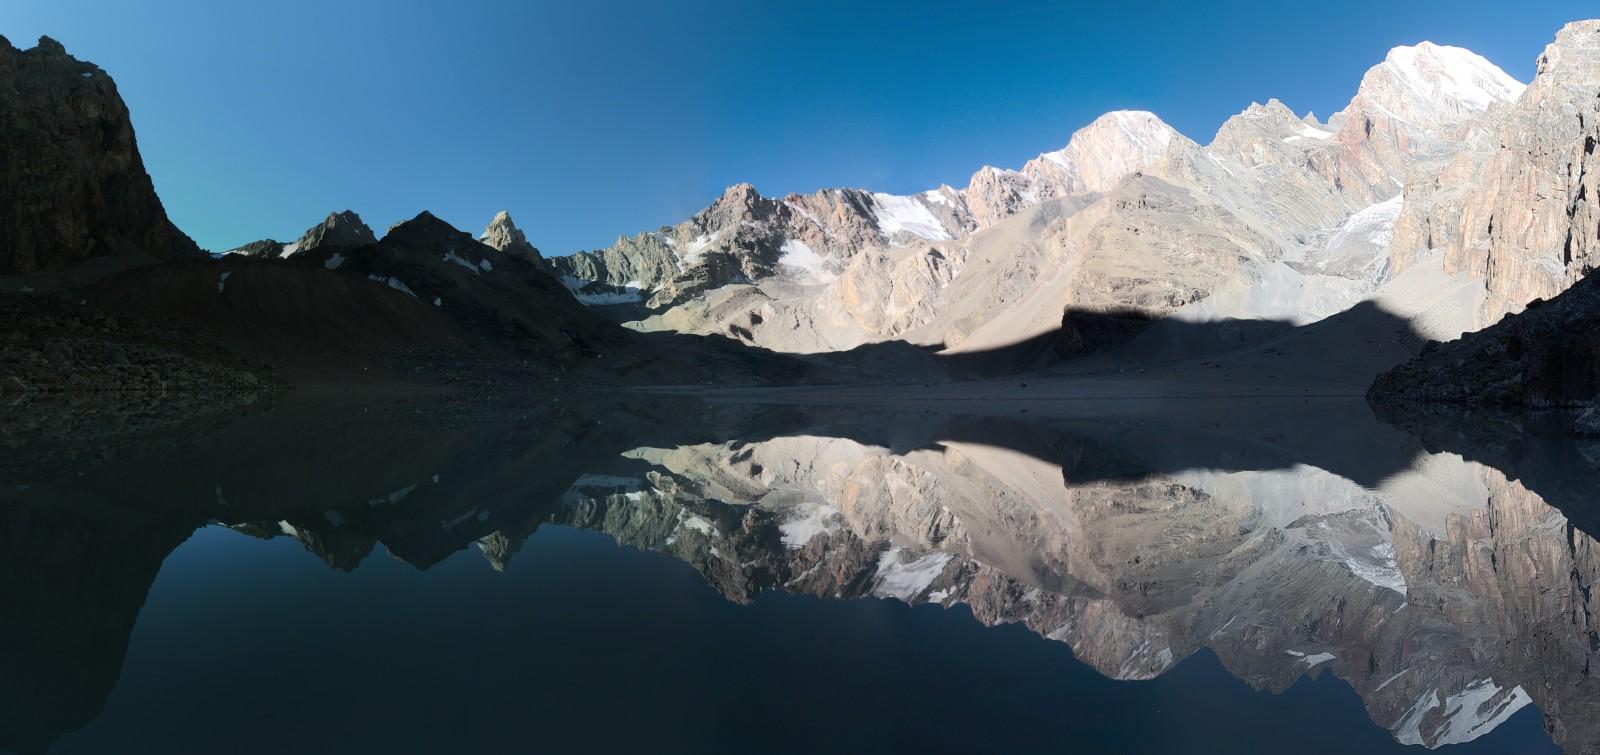 Ráno se jezero krásně leskne